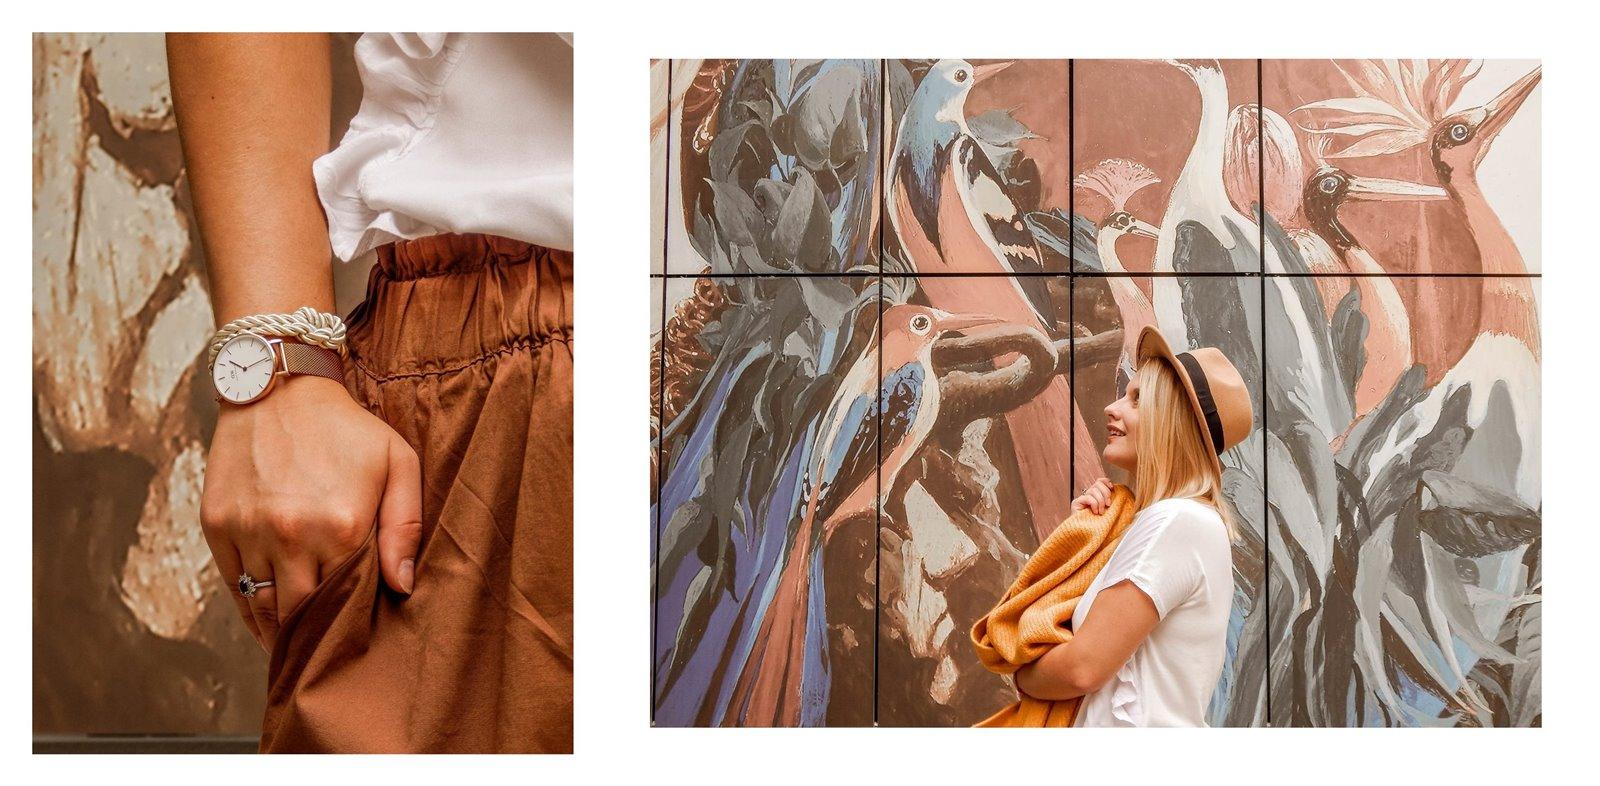 9 łódź podwórko artystyczne przy ul. Więckowskiego 4 murale łódzkie graffiti artystyczne podwórka miejsca które warto zobaczyć instafriendly miejsca w łodzi na sesje zdjęciowe dla blogerów ładne piękne kolorowe